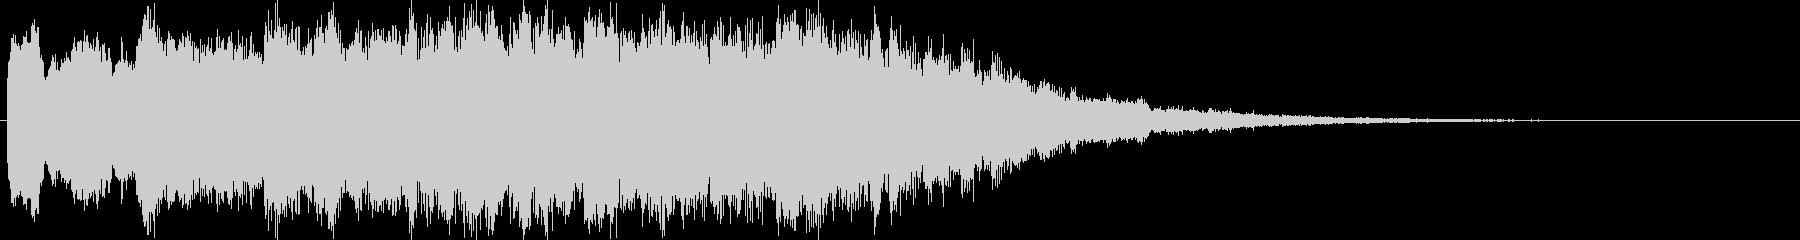 ベル音の寂しげな転換音 転回音 ジングルの未再生の波形